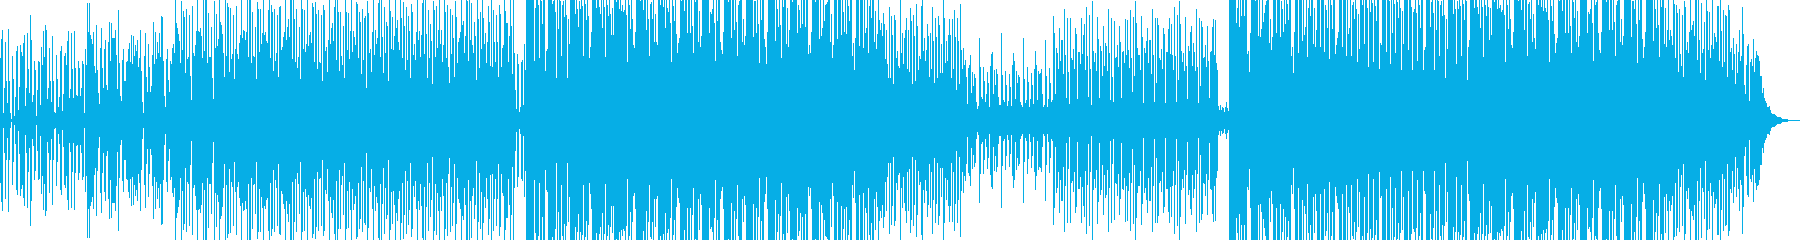 ニュース向けBGM(リズムグルーヴ)の再生済みの波形